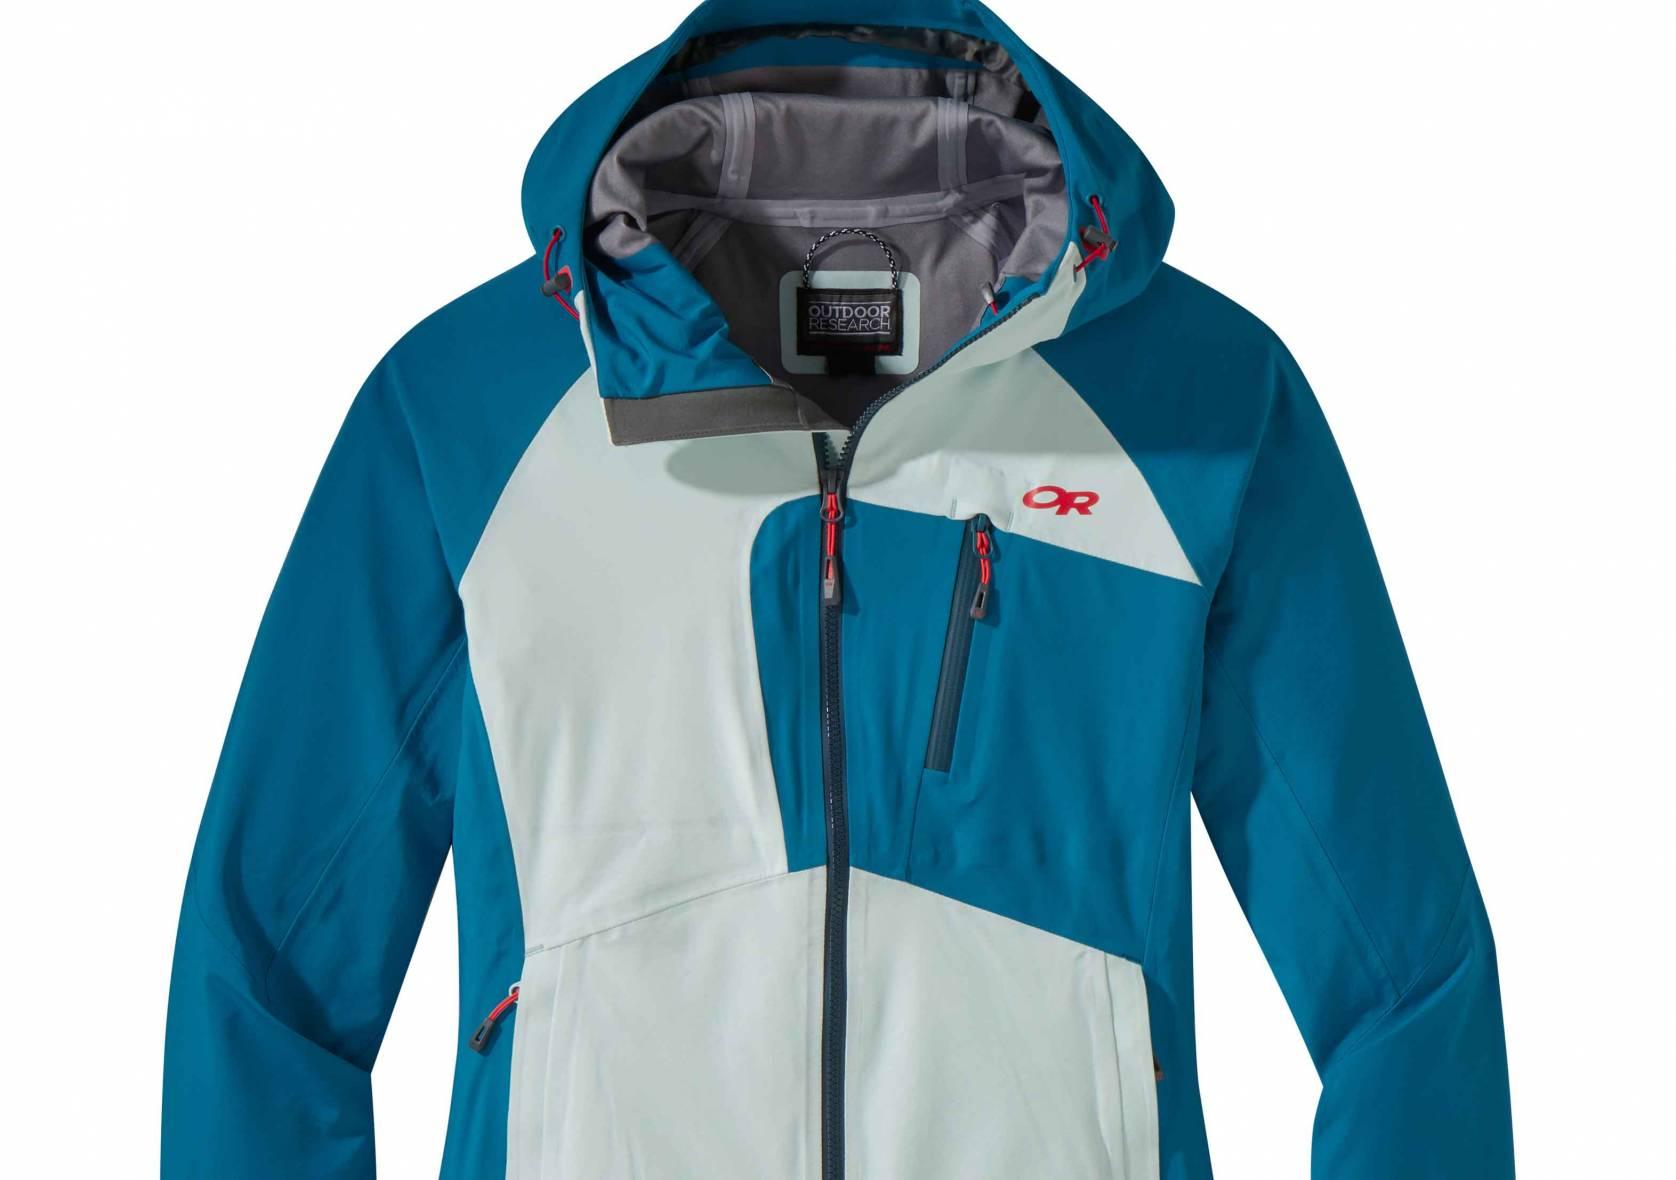 OR Skyward II Jacket